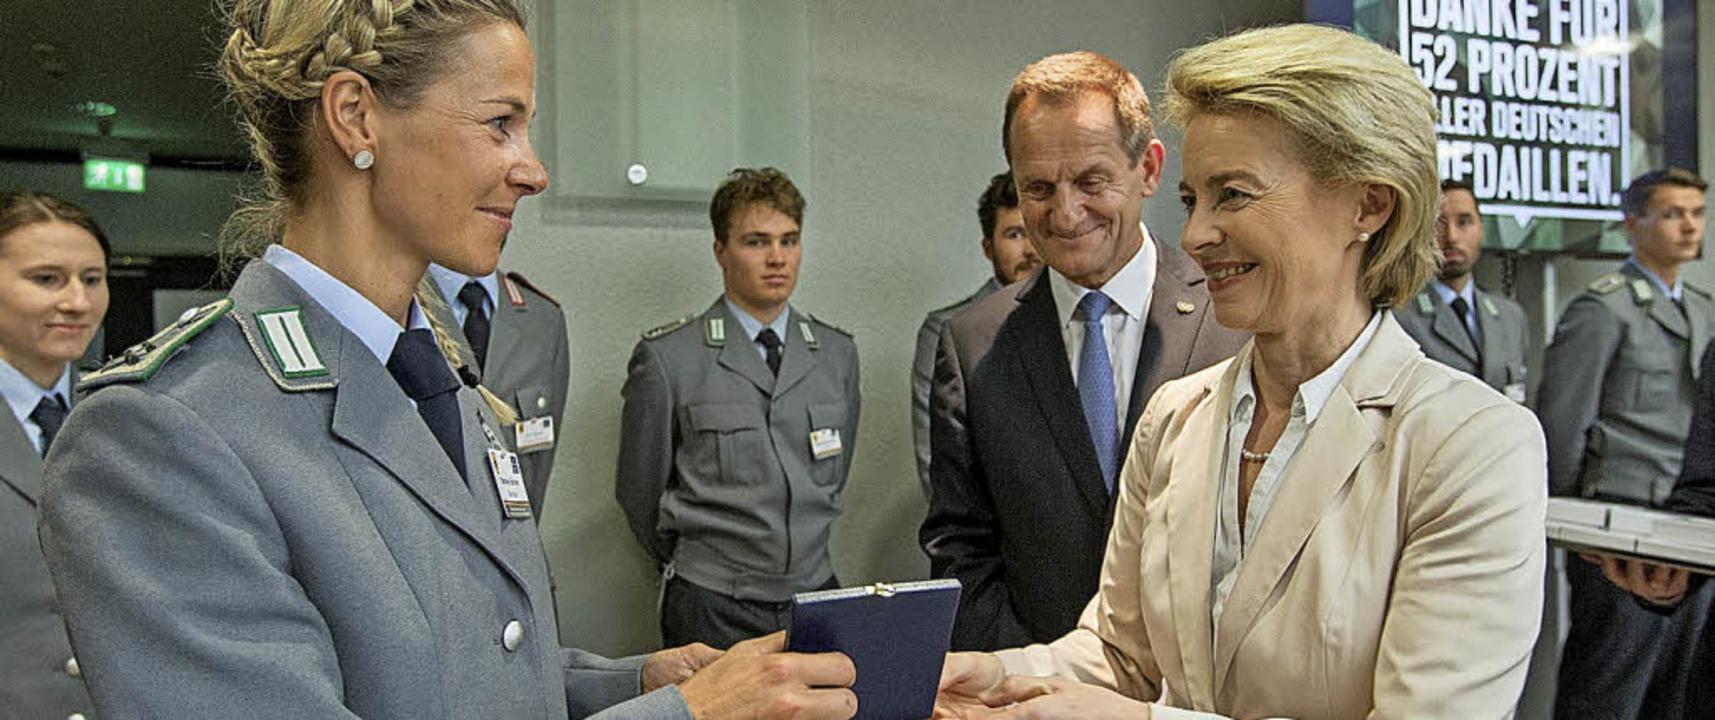 Steffi Böhler wird von Ursula von der ...lfons Hörmann für ihren Erfolg geehrt.  | Foto: Jens Schmidt (Bundeswehr)